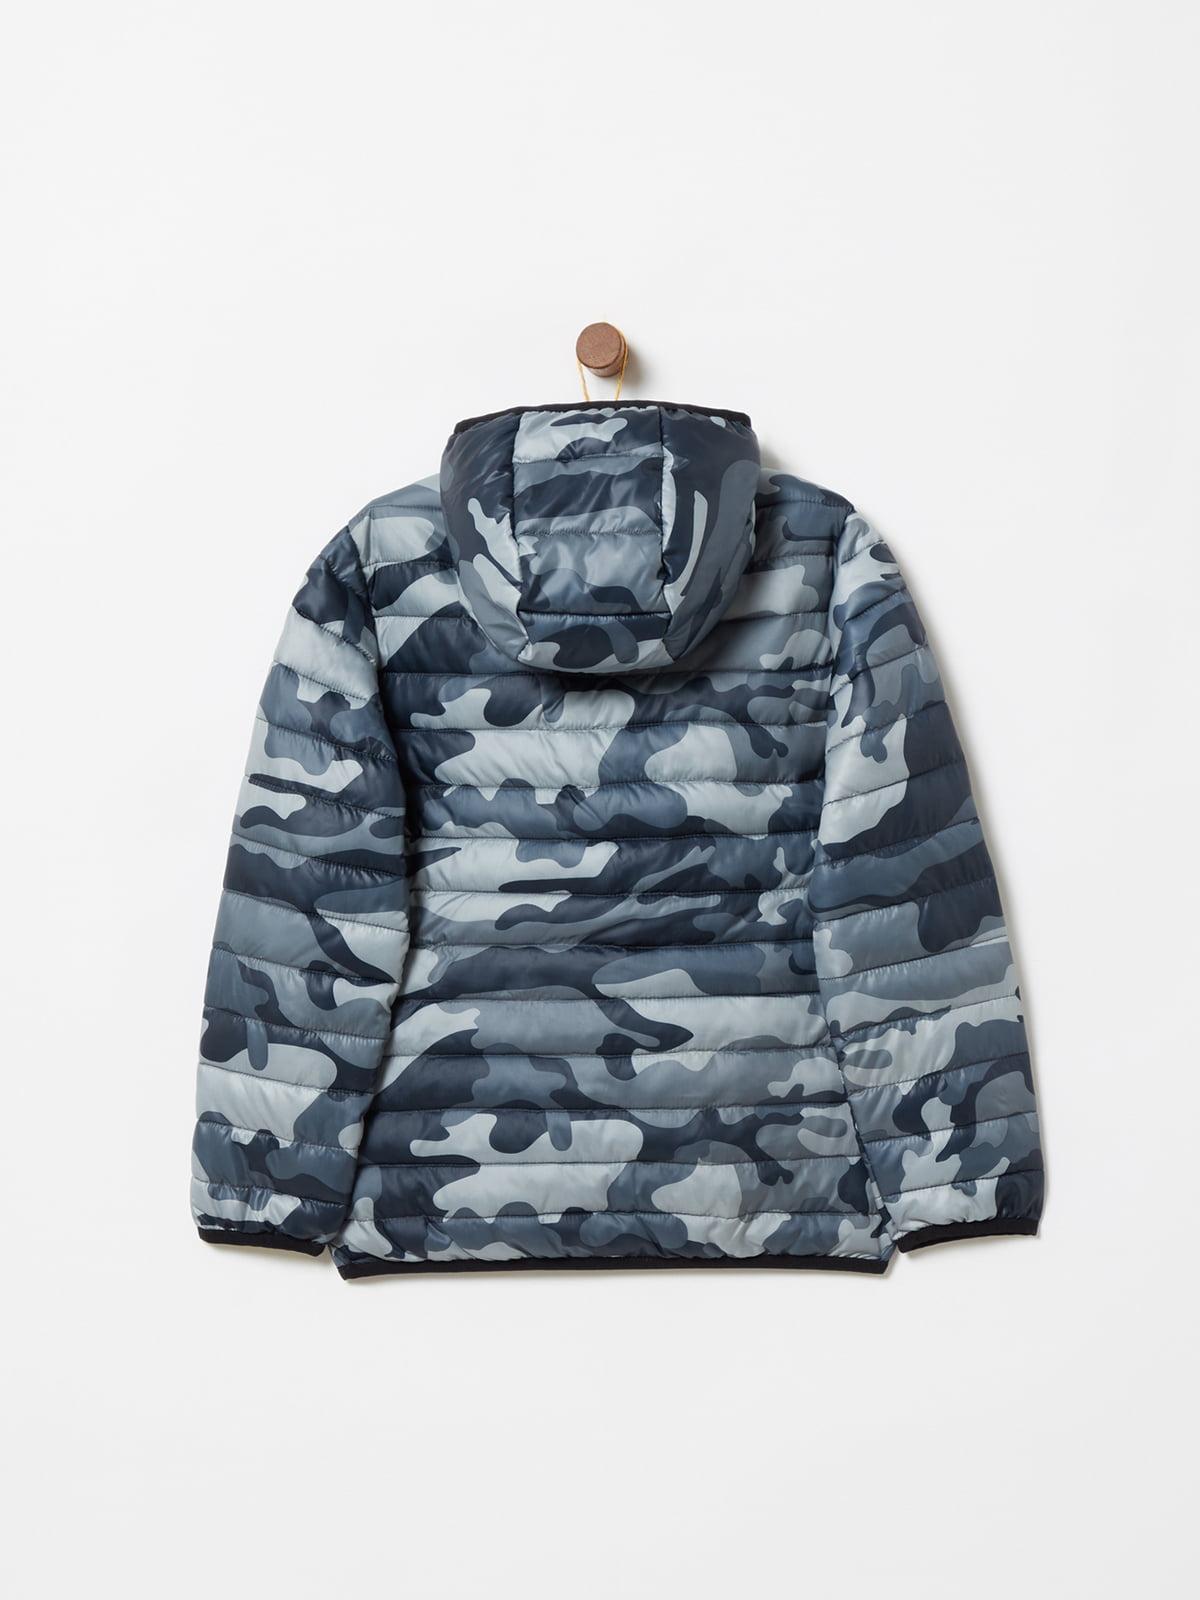 Куртка камуфляжной расцветки | 4902856 | фото 2